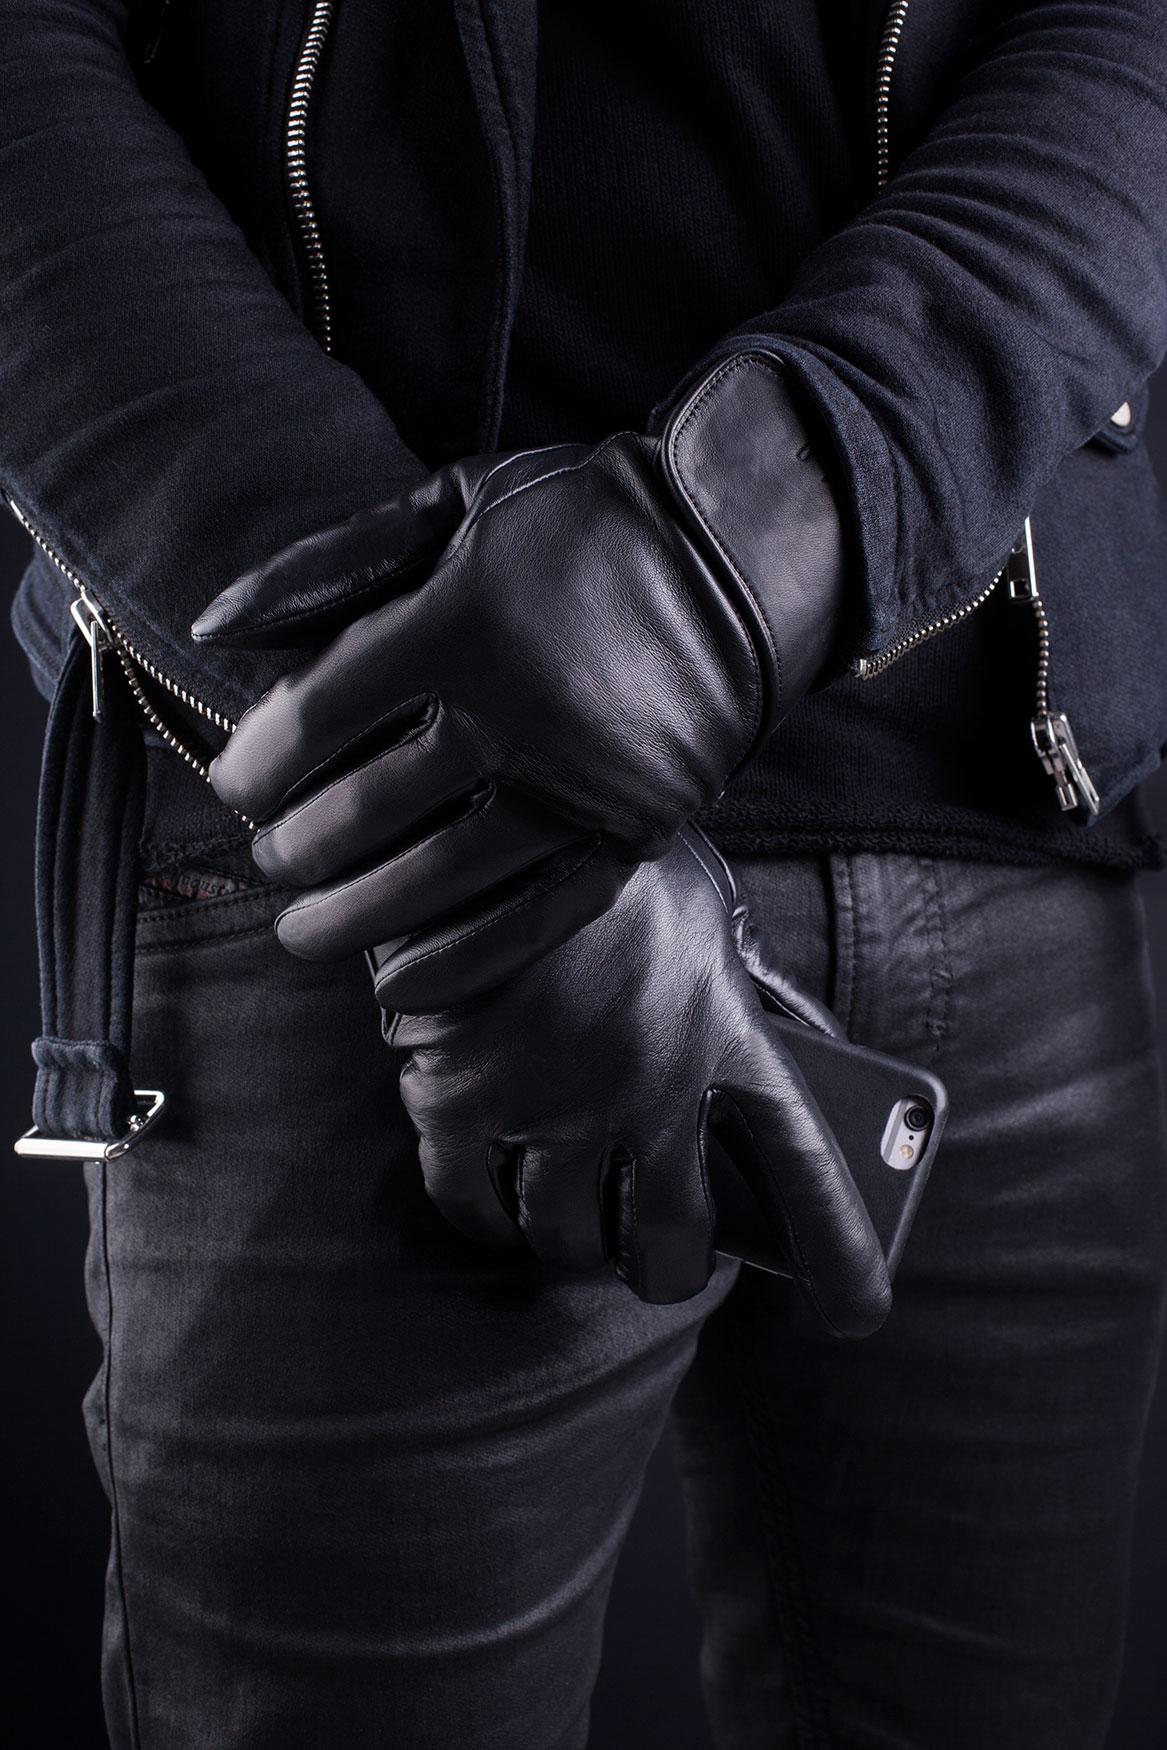 Leather Touchscreen di Mujio